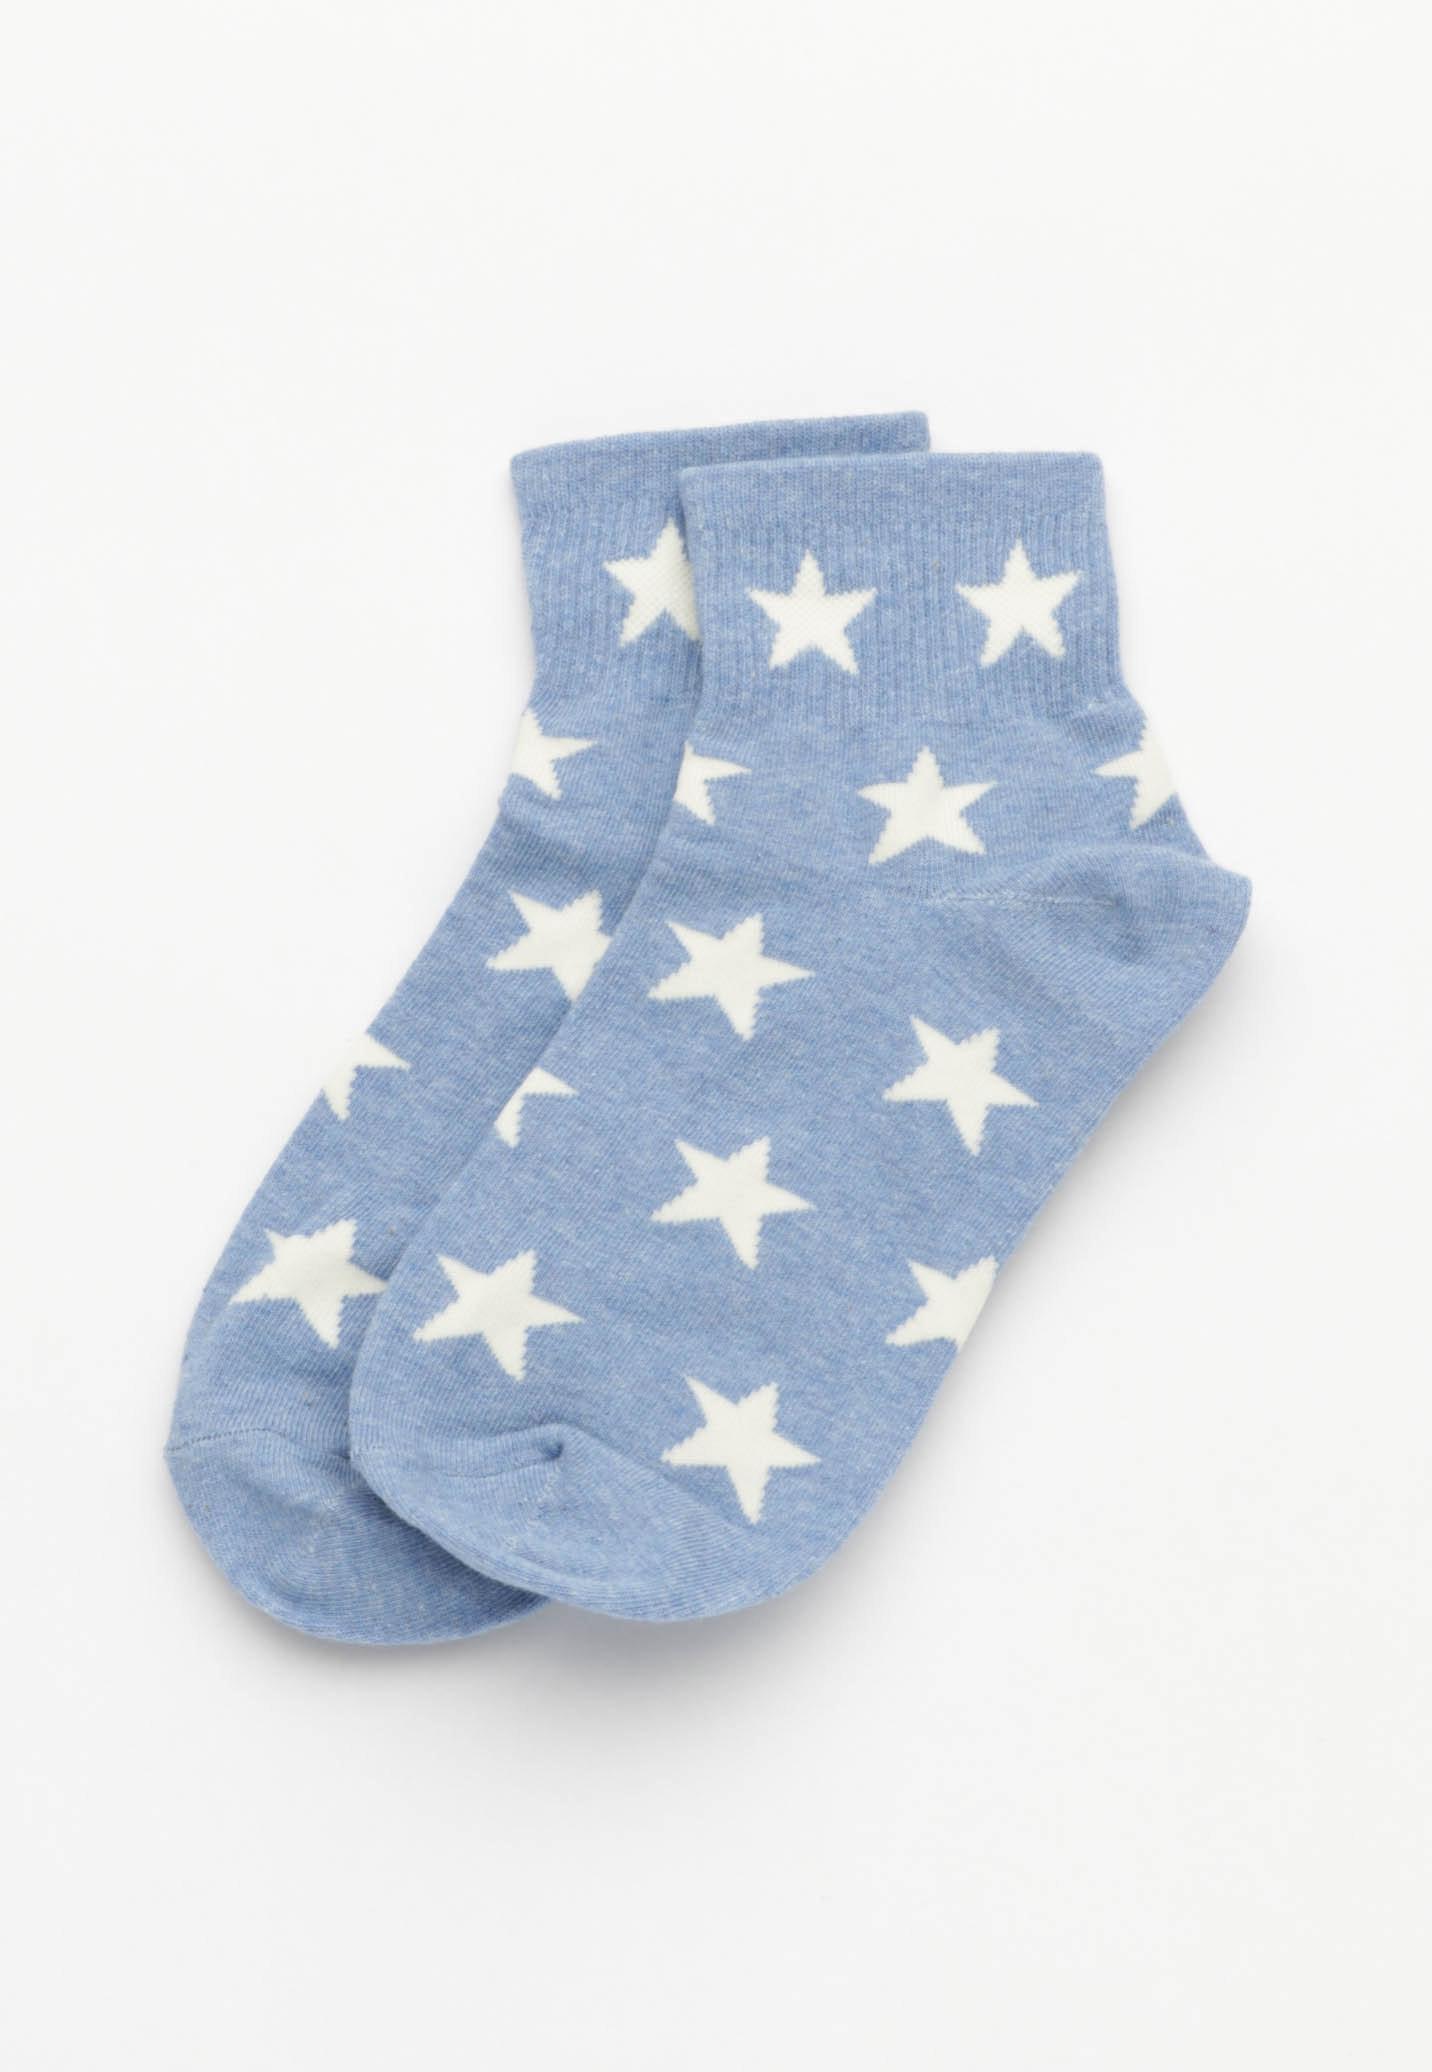 Star Socks - Blue/White